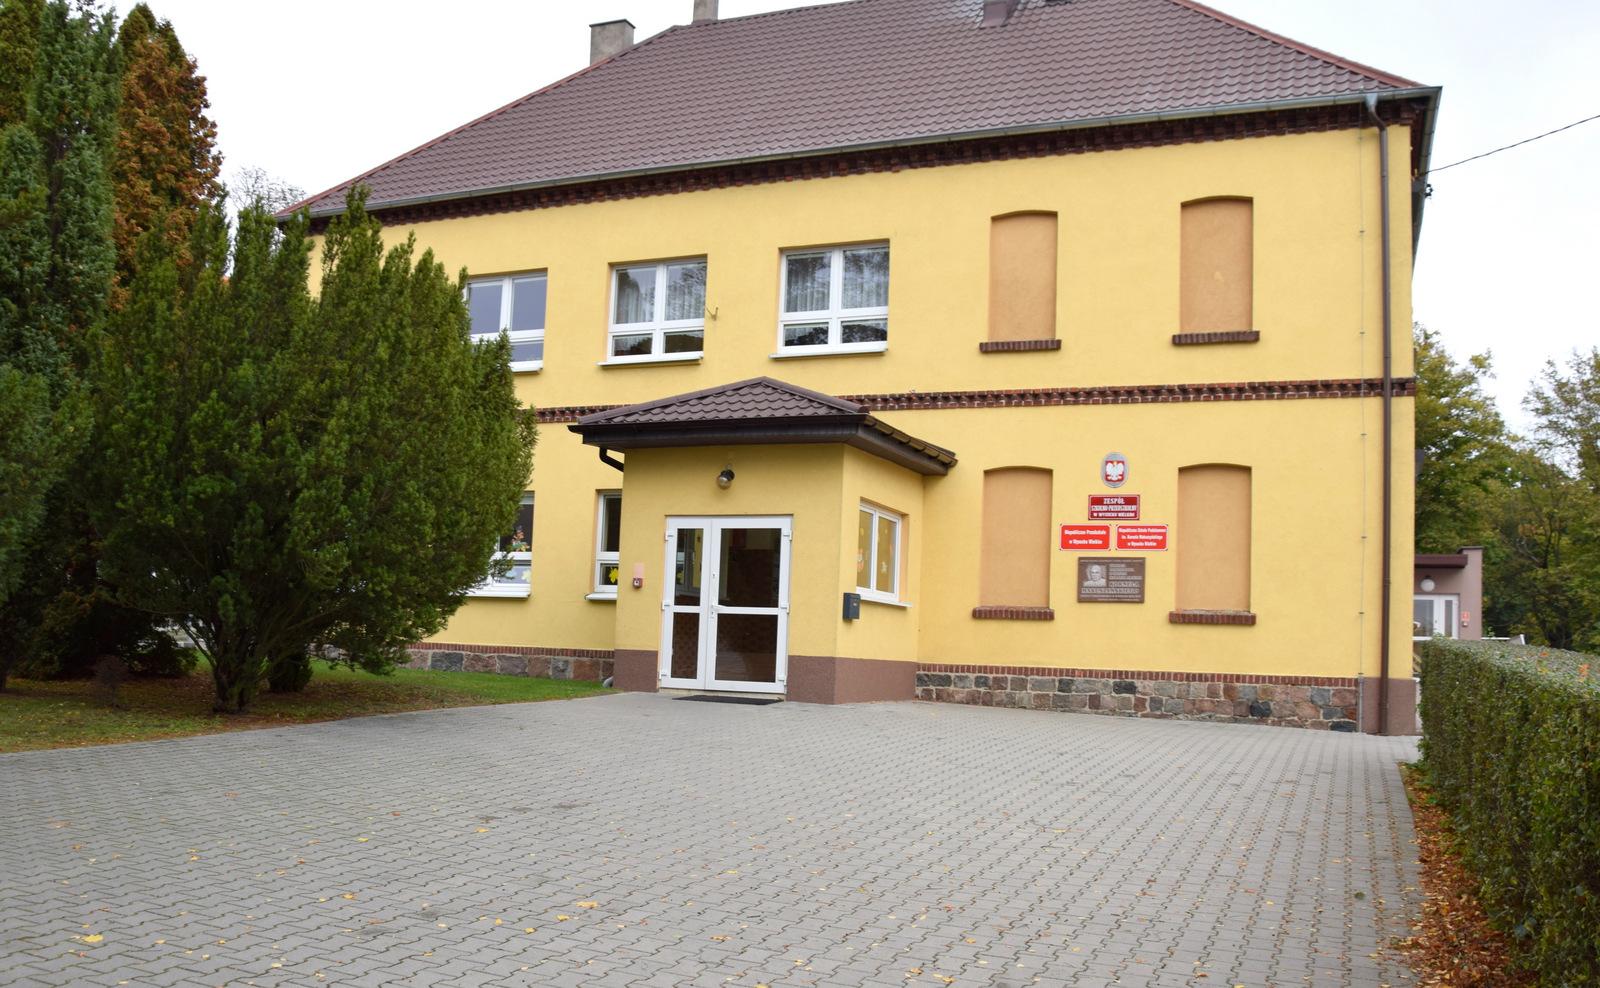 Inwestycyjny boom oświatowy w Gminie Ostrów Wielkopolski